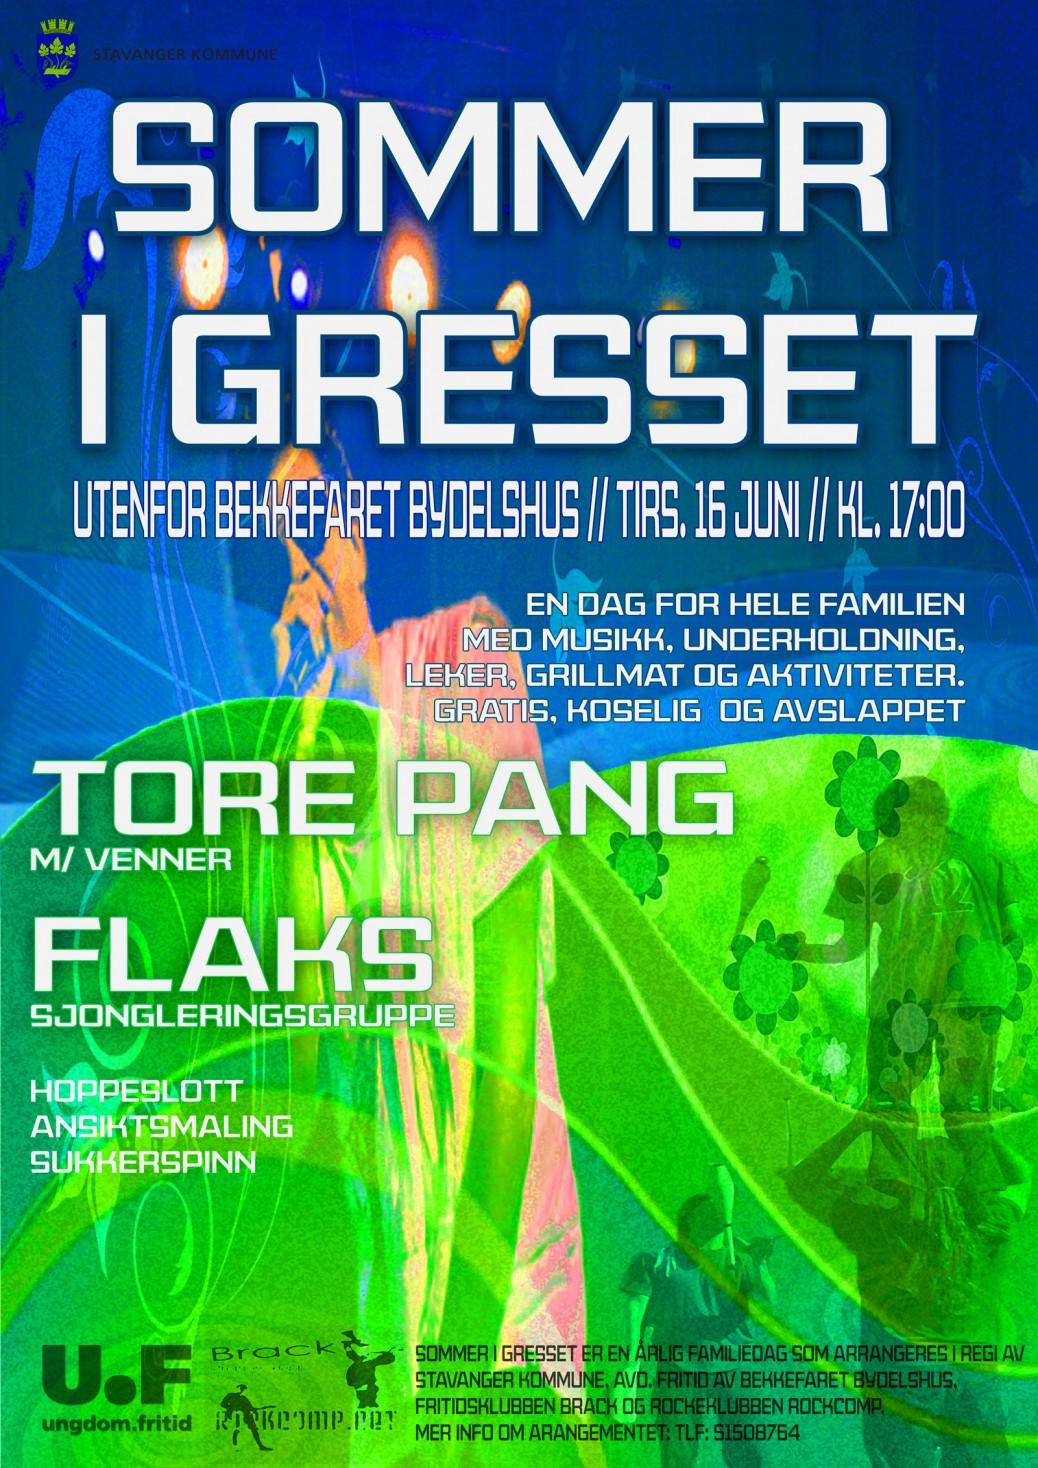 sommer-i-gresset-plakat-2015-web